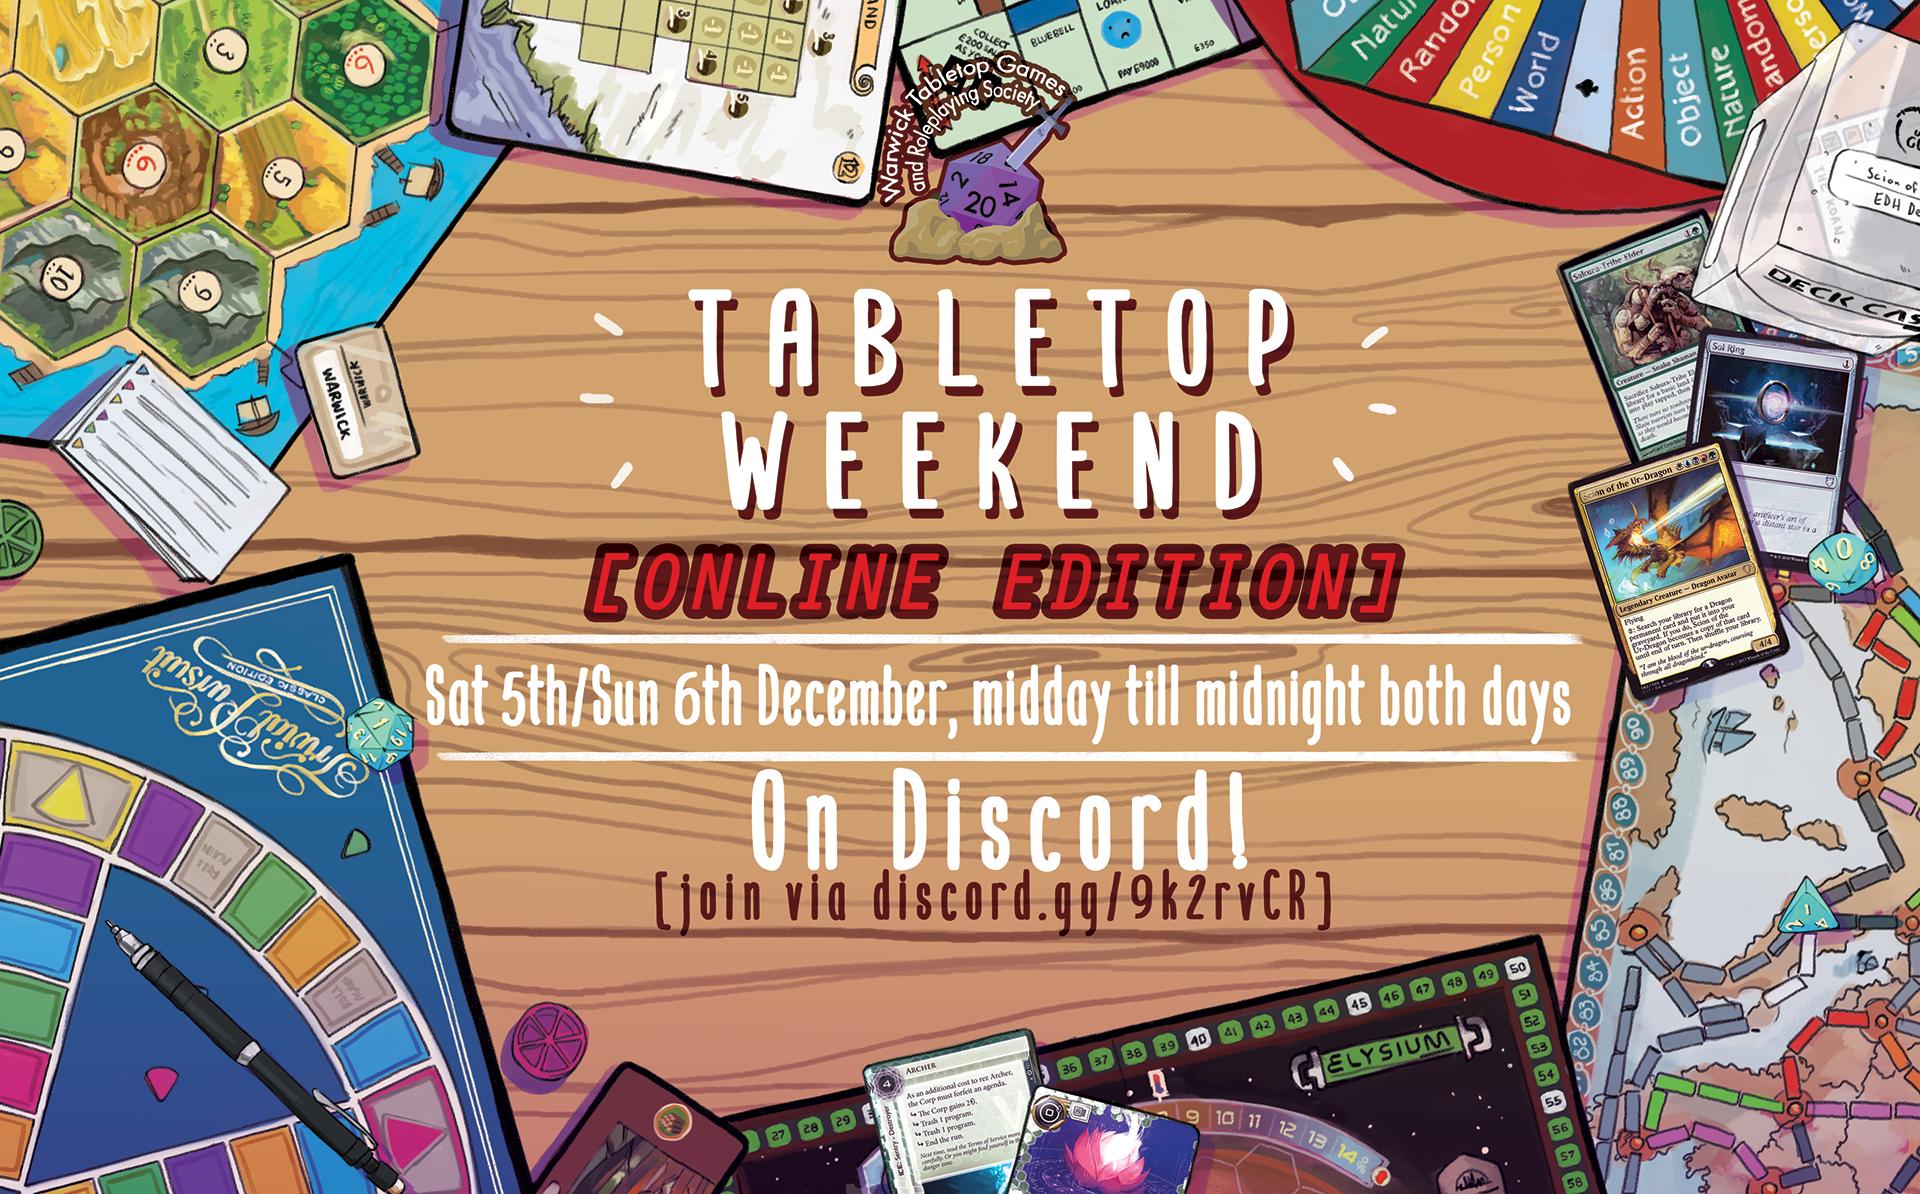 Tabletop Weekend Poster